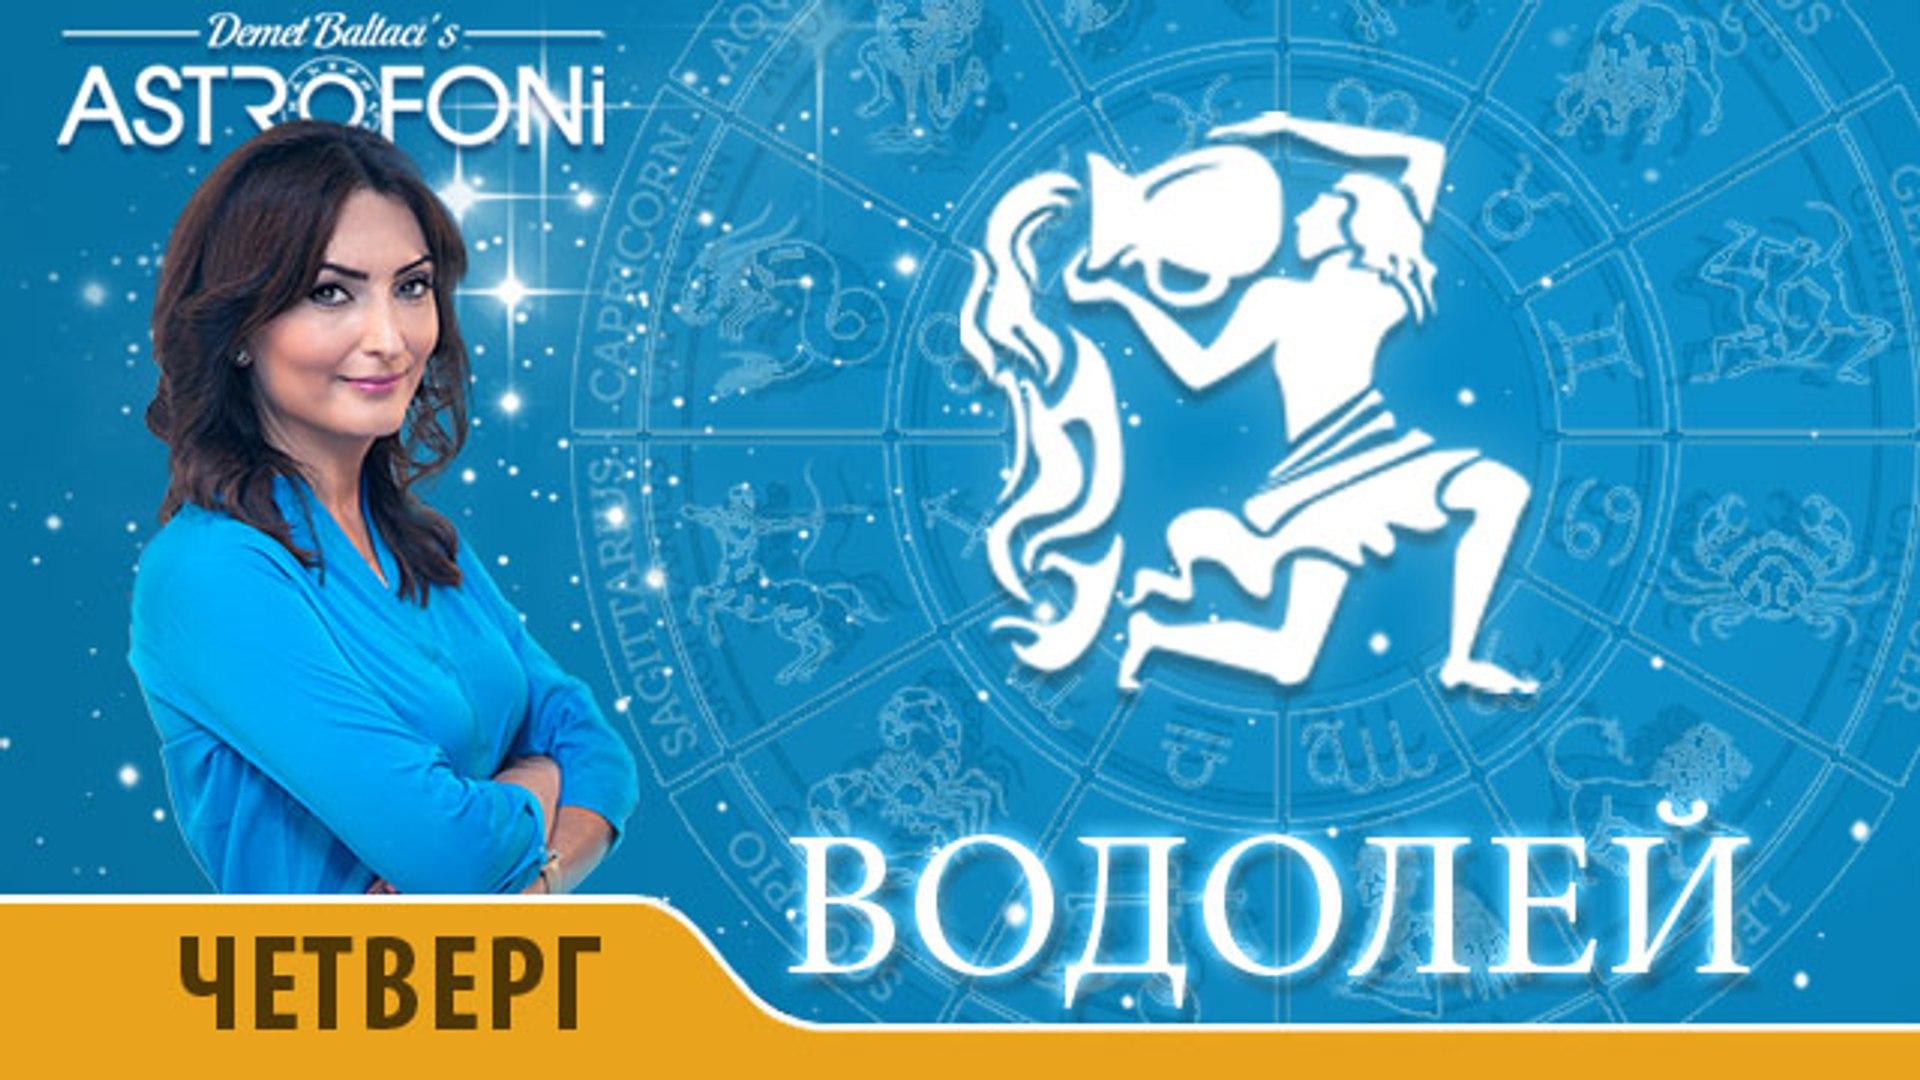 Водолей: Астропрогноз на день 17 декабря 2015 г.